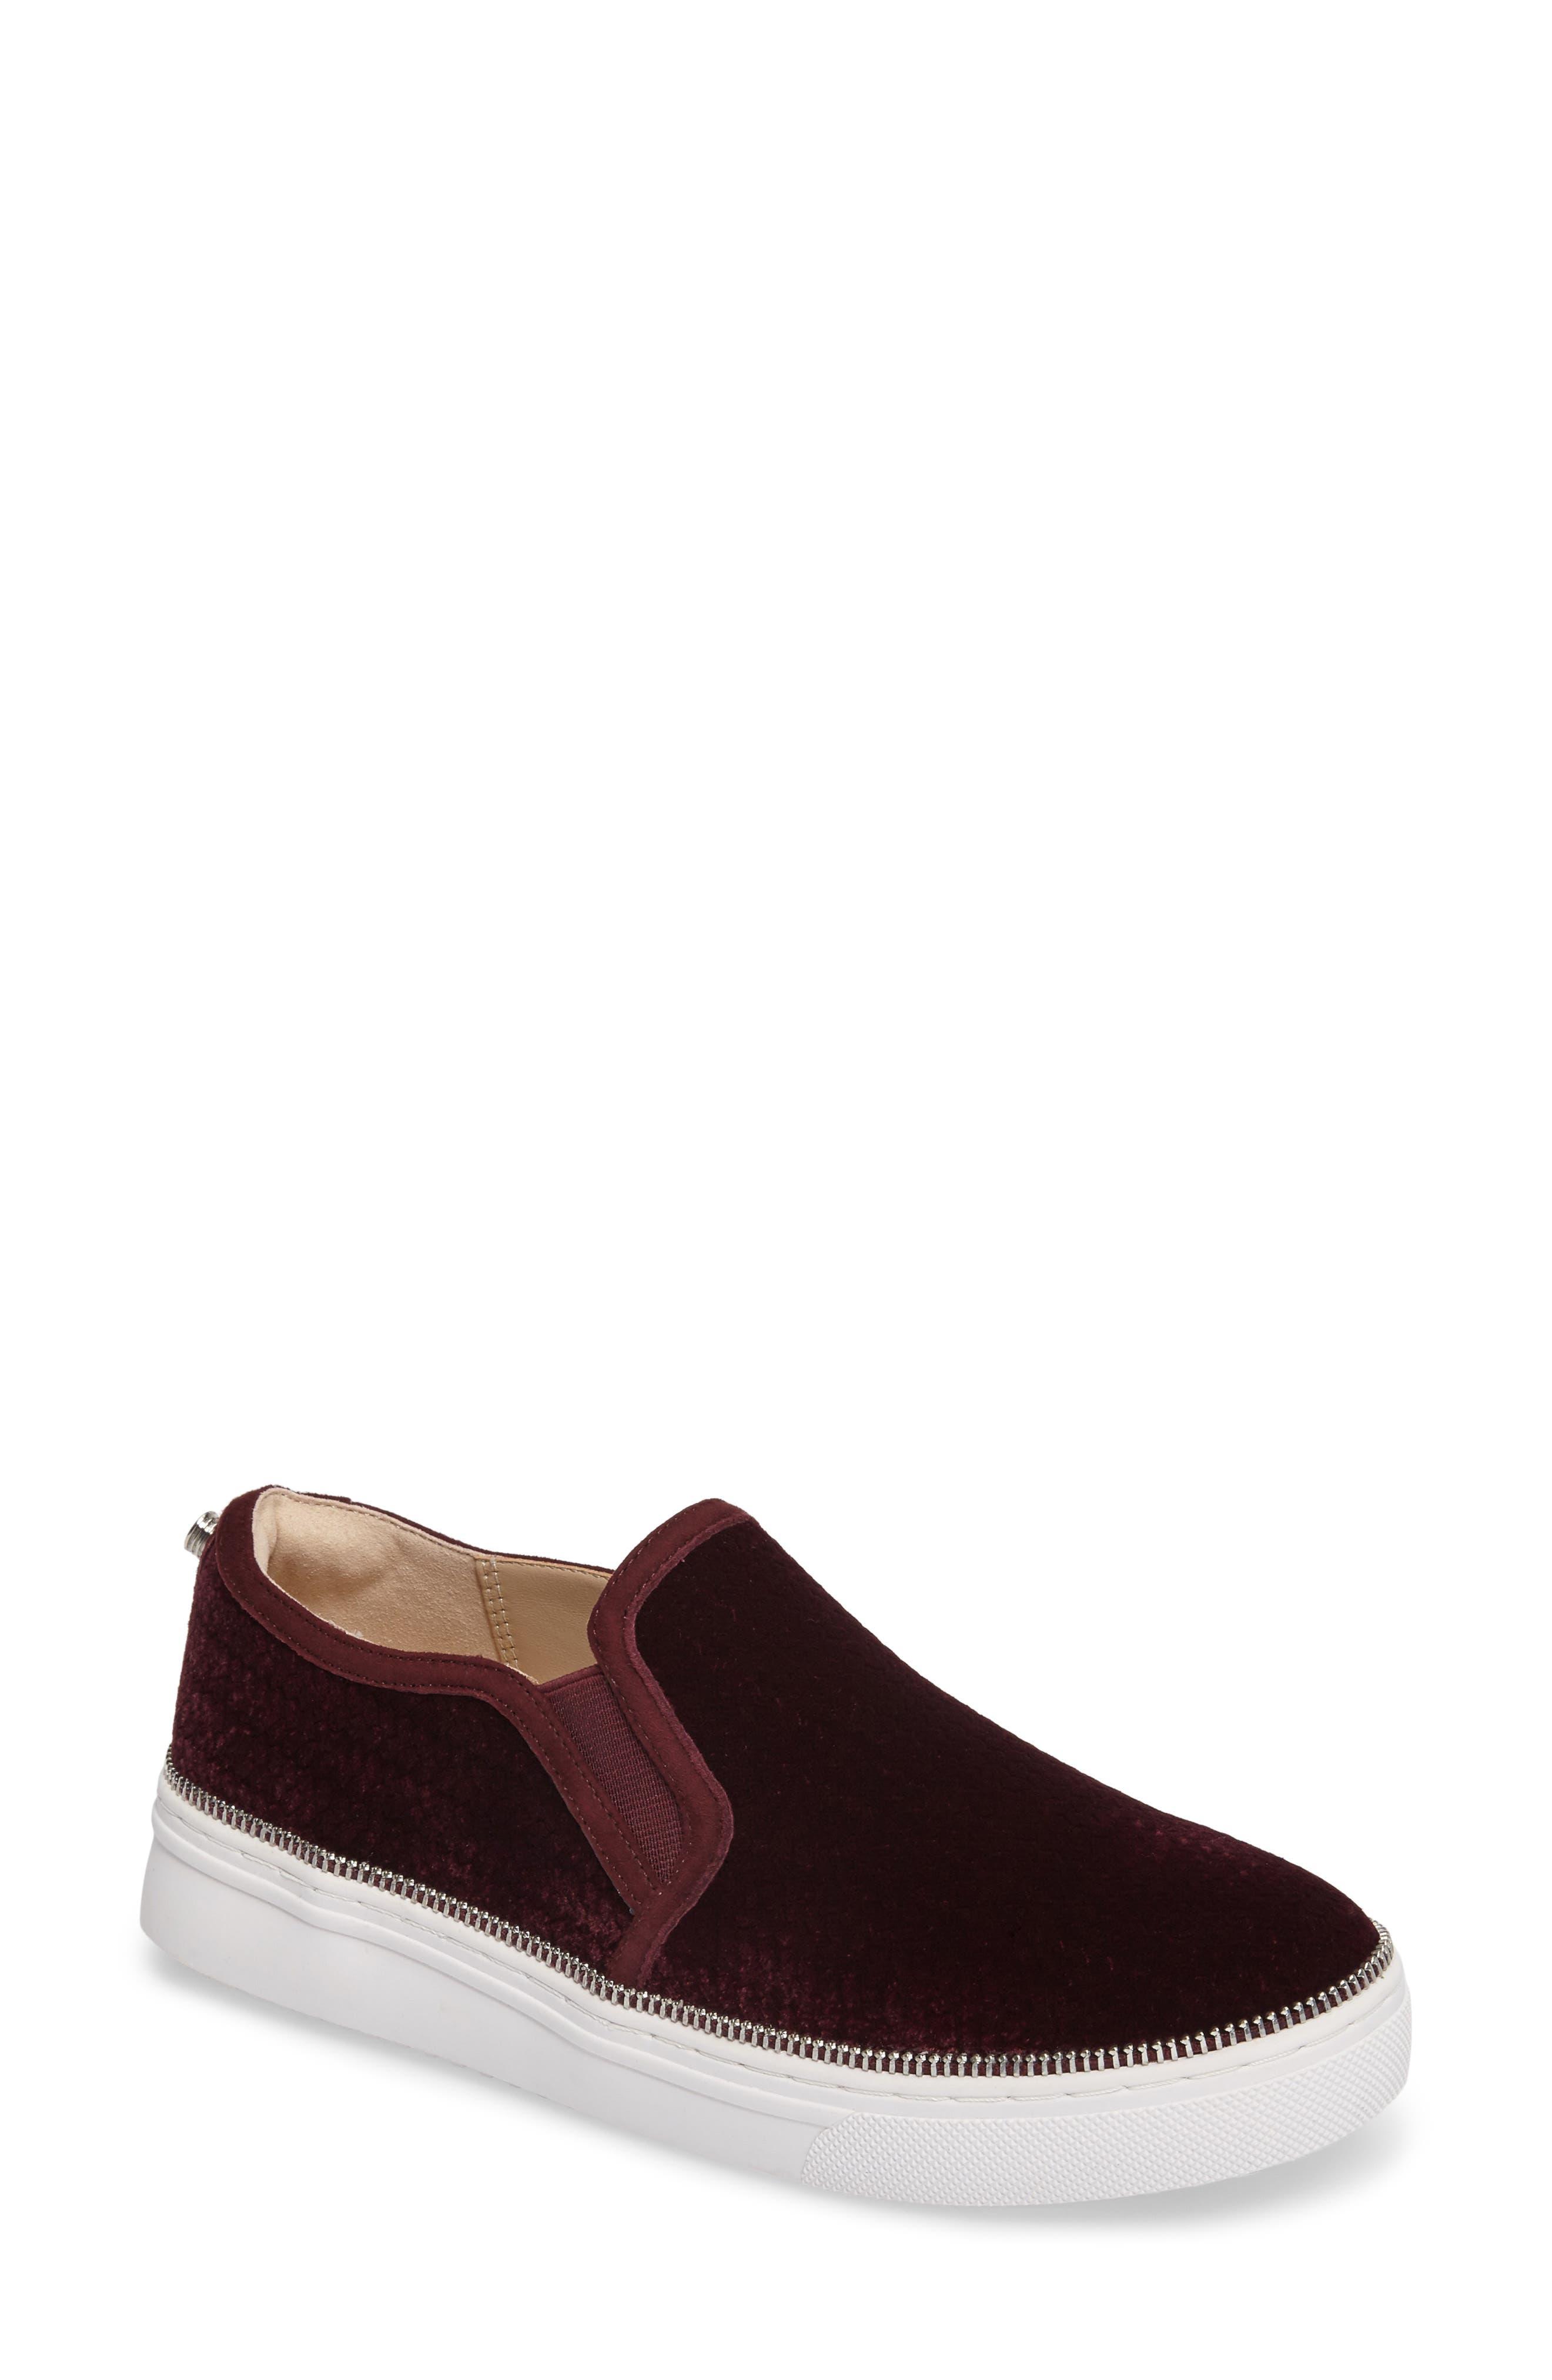 Harper Slip-On Sneaker,                             Main thumbnail 5, color,